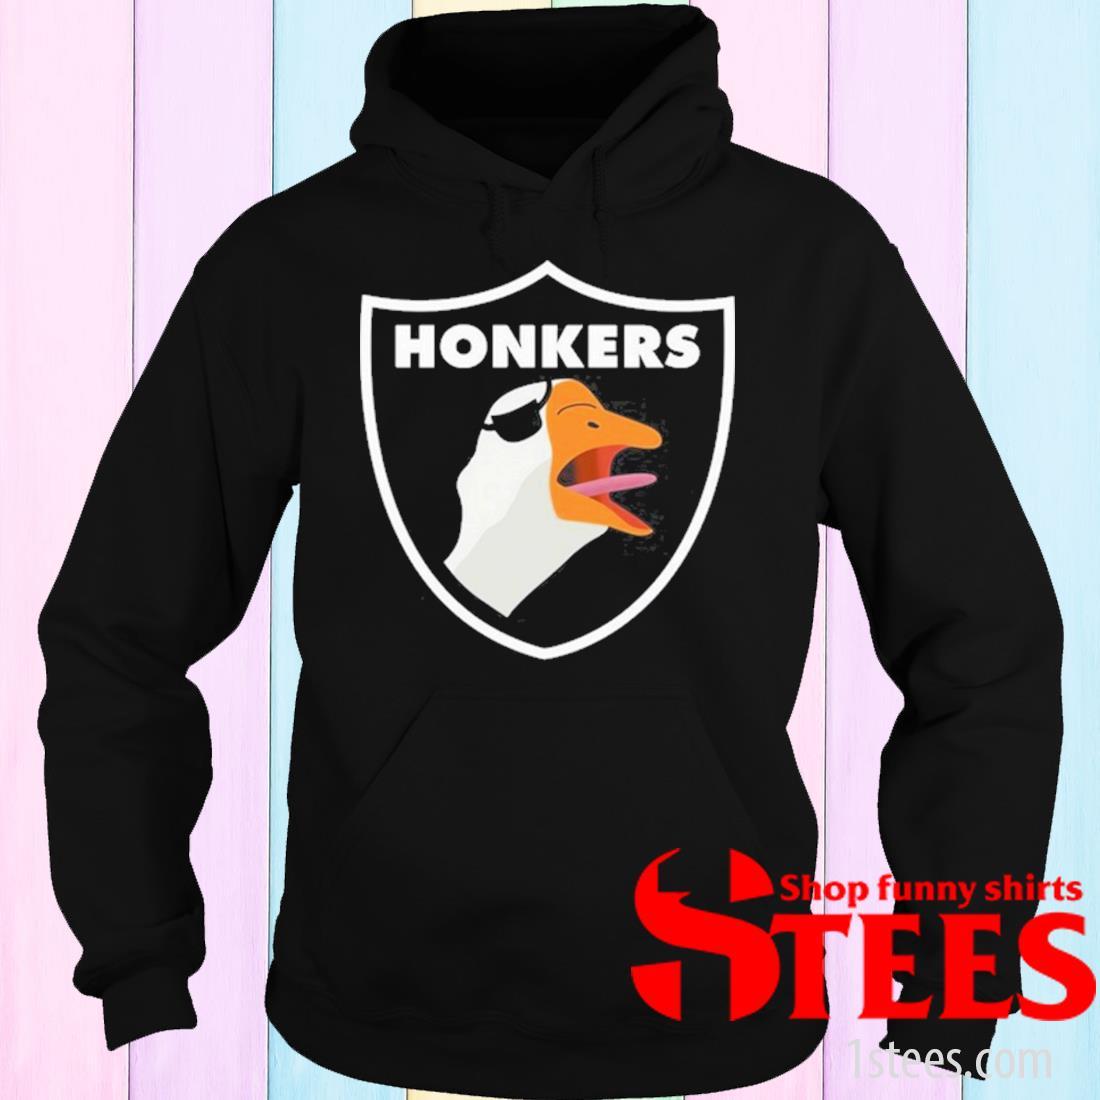 Oakland Raiders Honkers Shirt hoodie